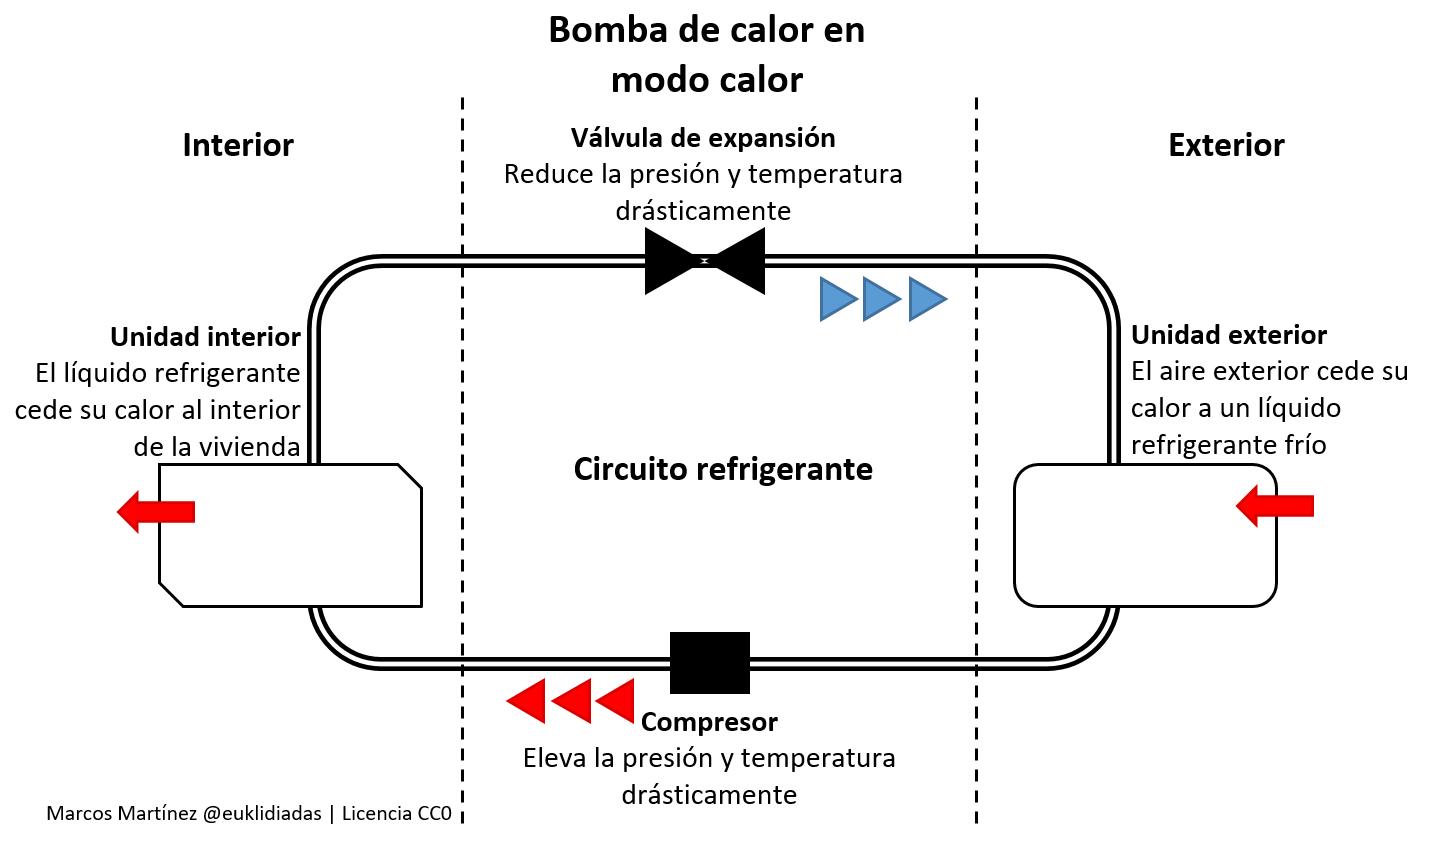 bomba-de-calor-en-modo-calor